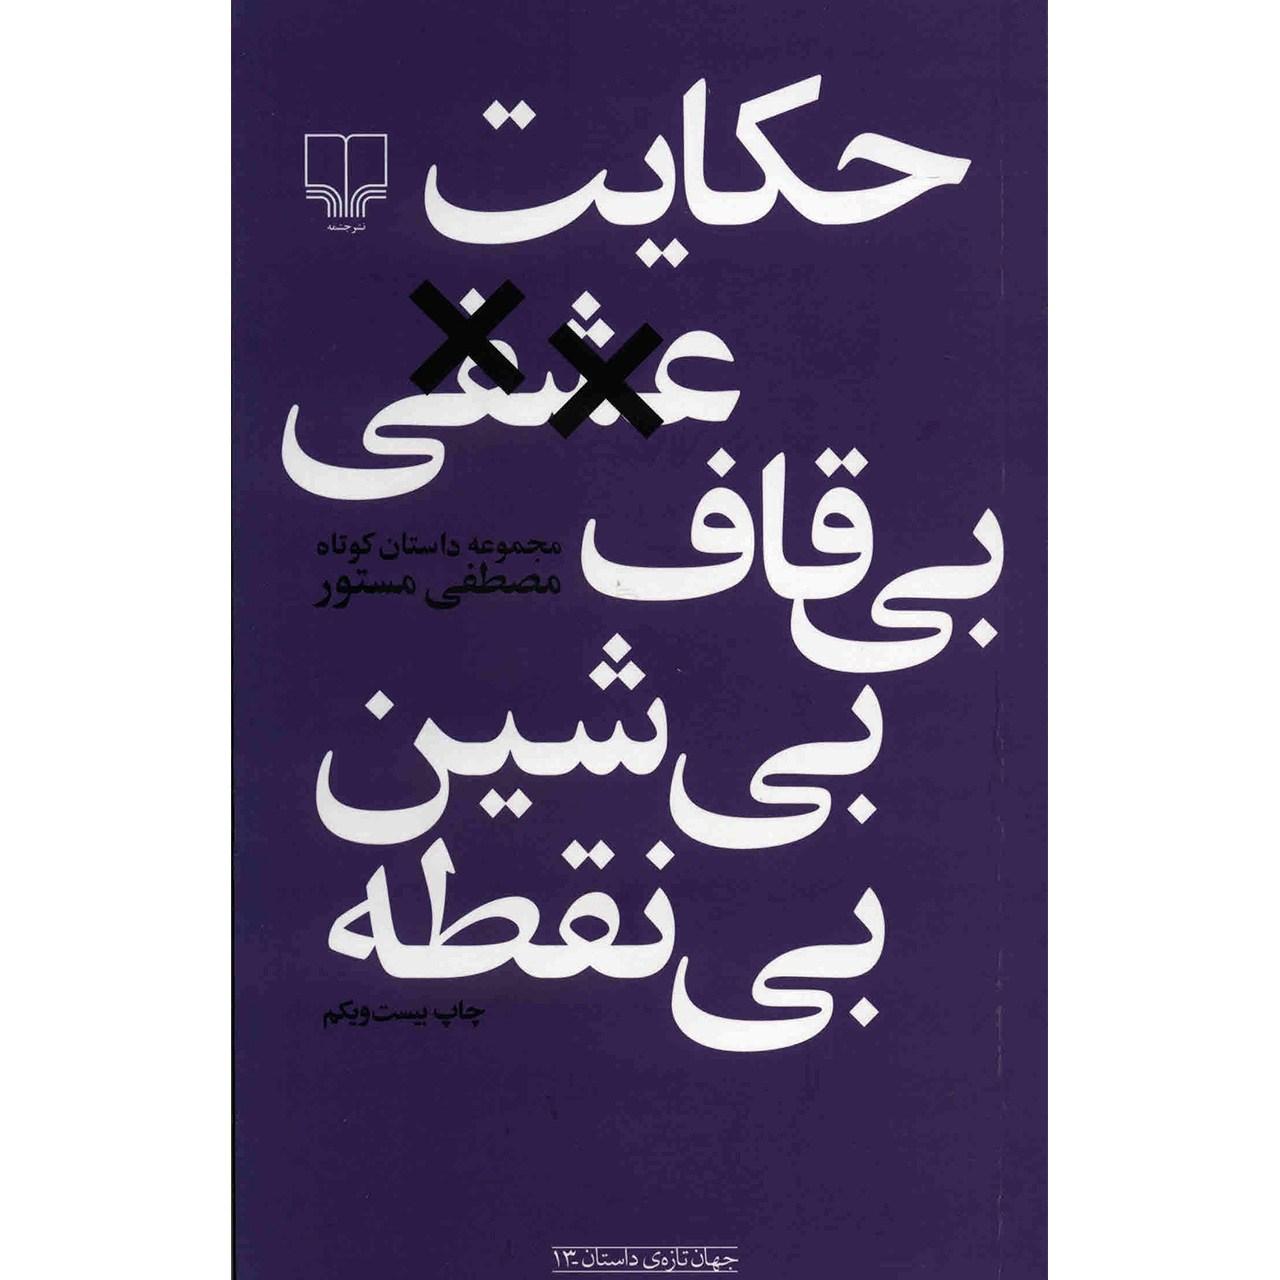 خرید                      کتاب حکایت عشقی بی قاف بی شین بی نقطه اثر مصطفی مستور